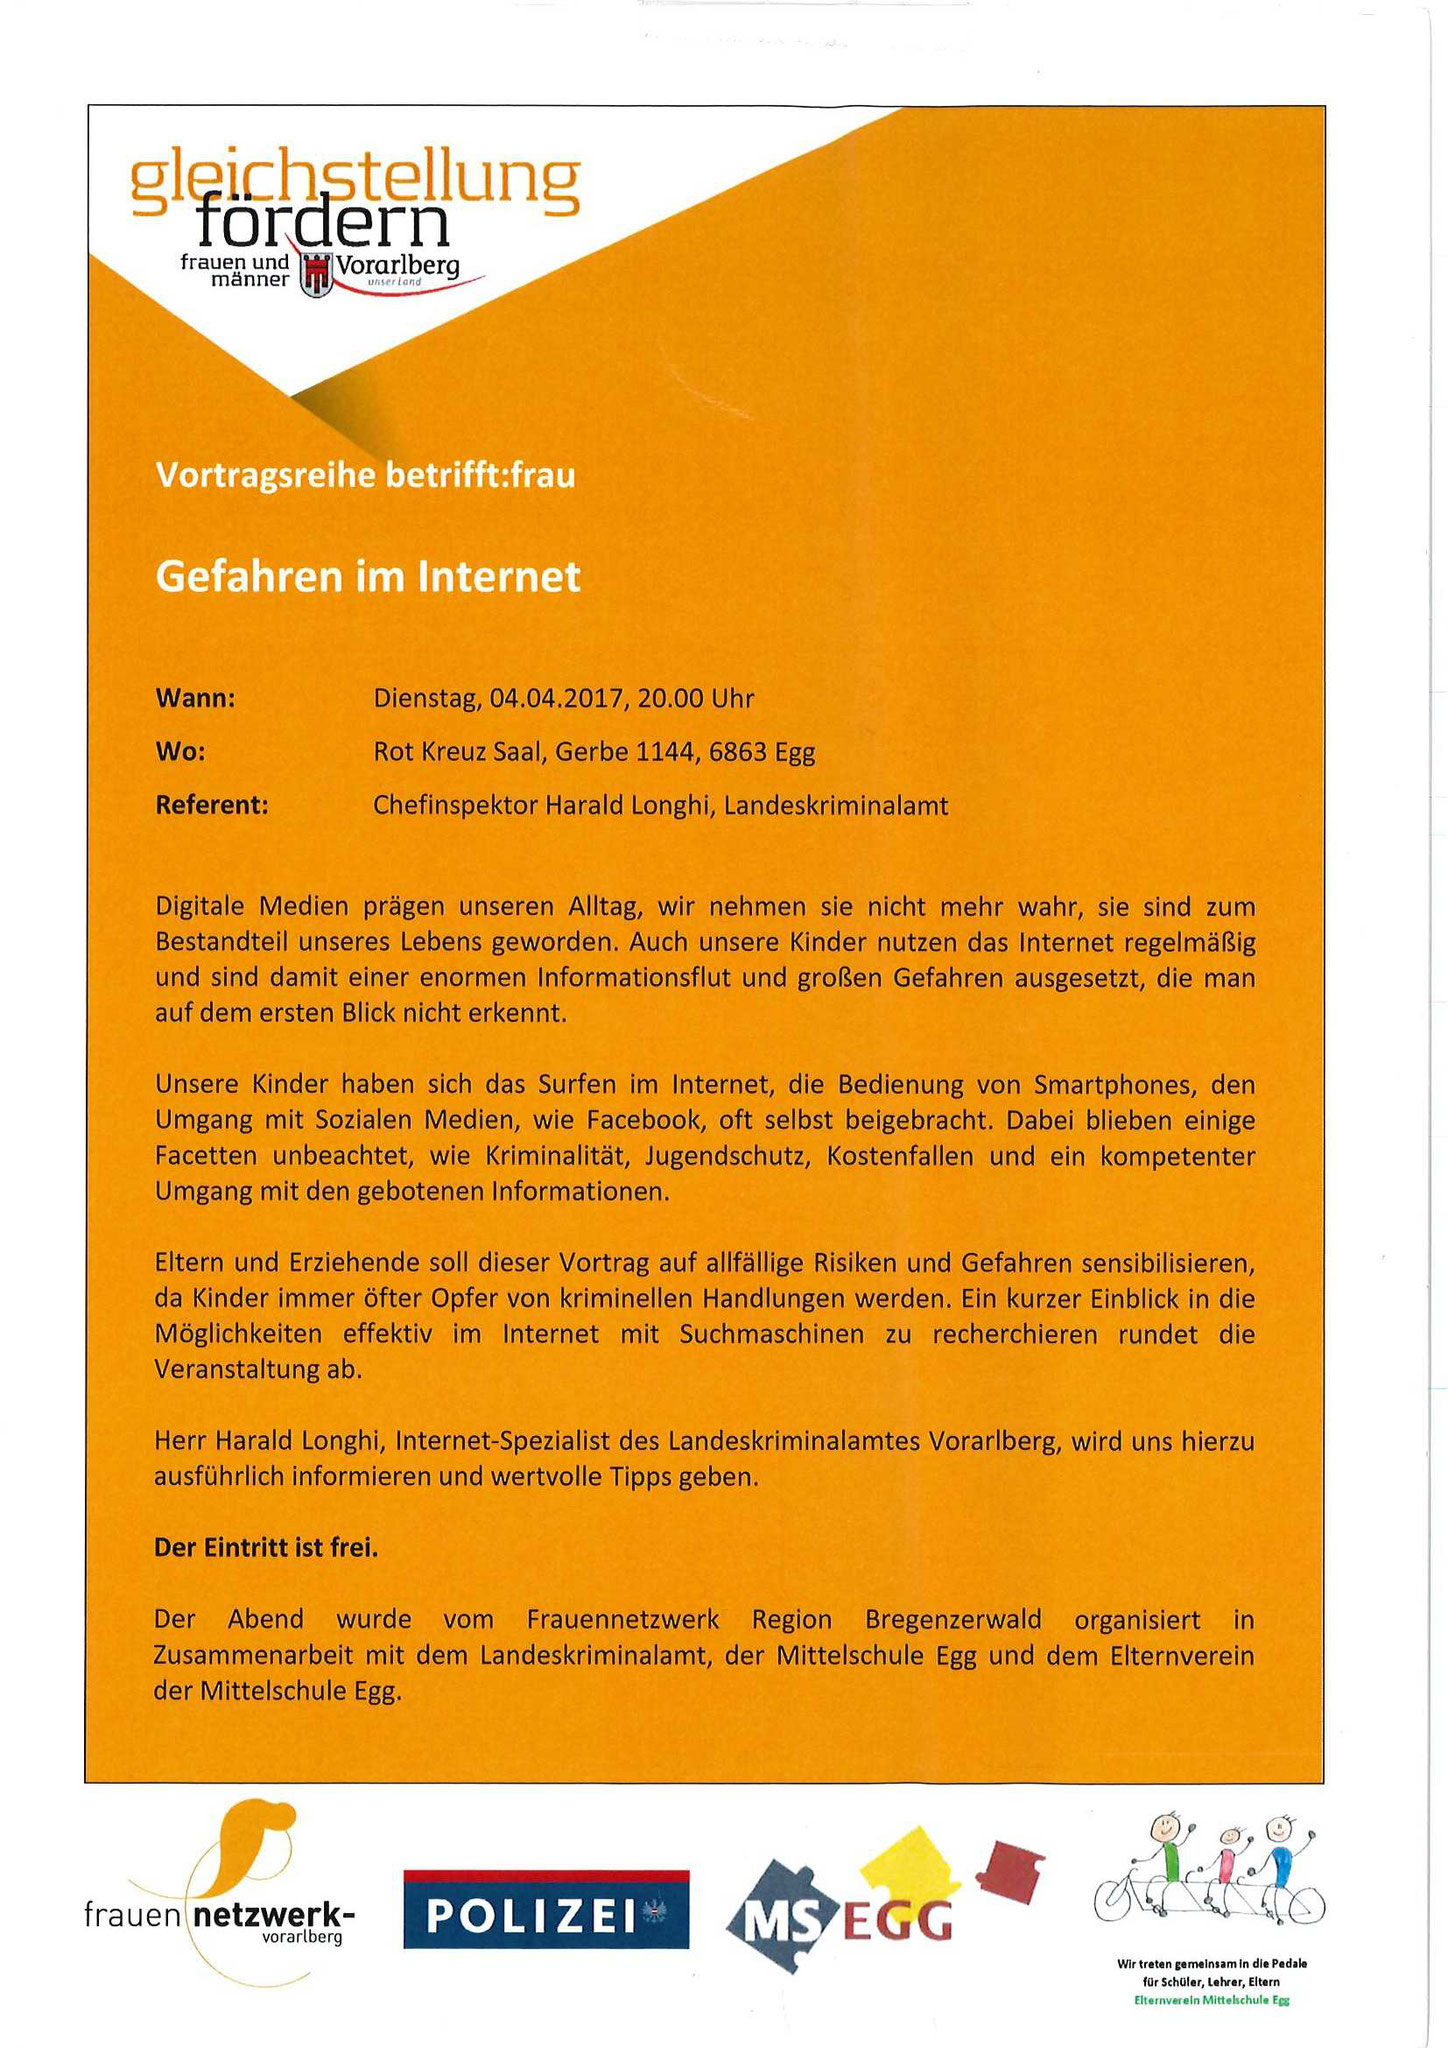 """Vortrag Landeskriminalamt/Harald Longhi - """"Gefahren im Internet"""" -in Zusammenarbeit mit dem Frauennetzwerk Bregenzerwald 4.4.17"""